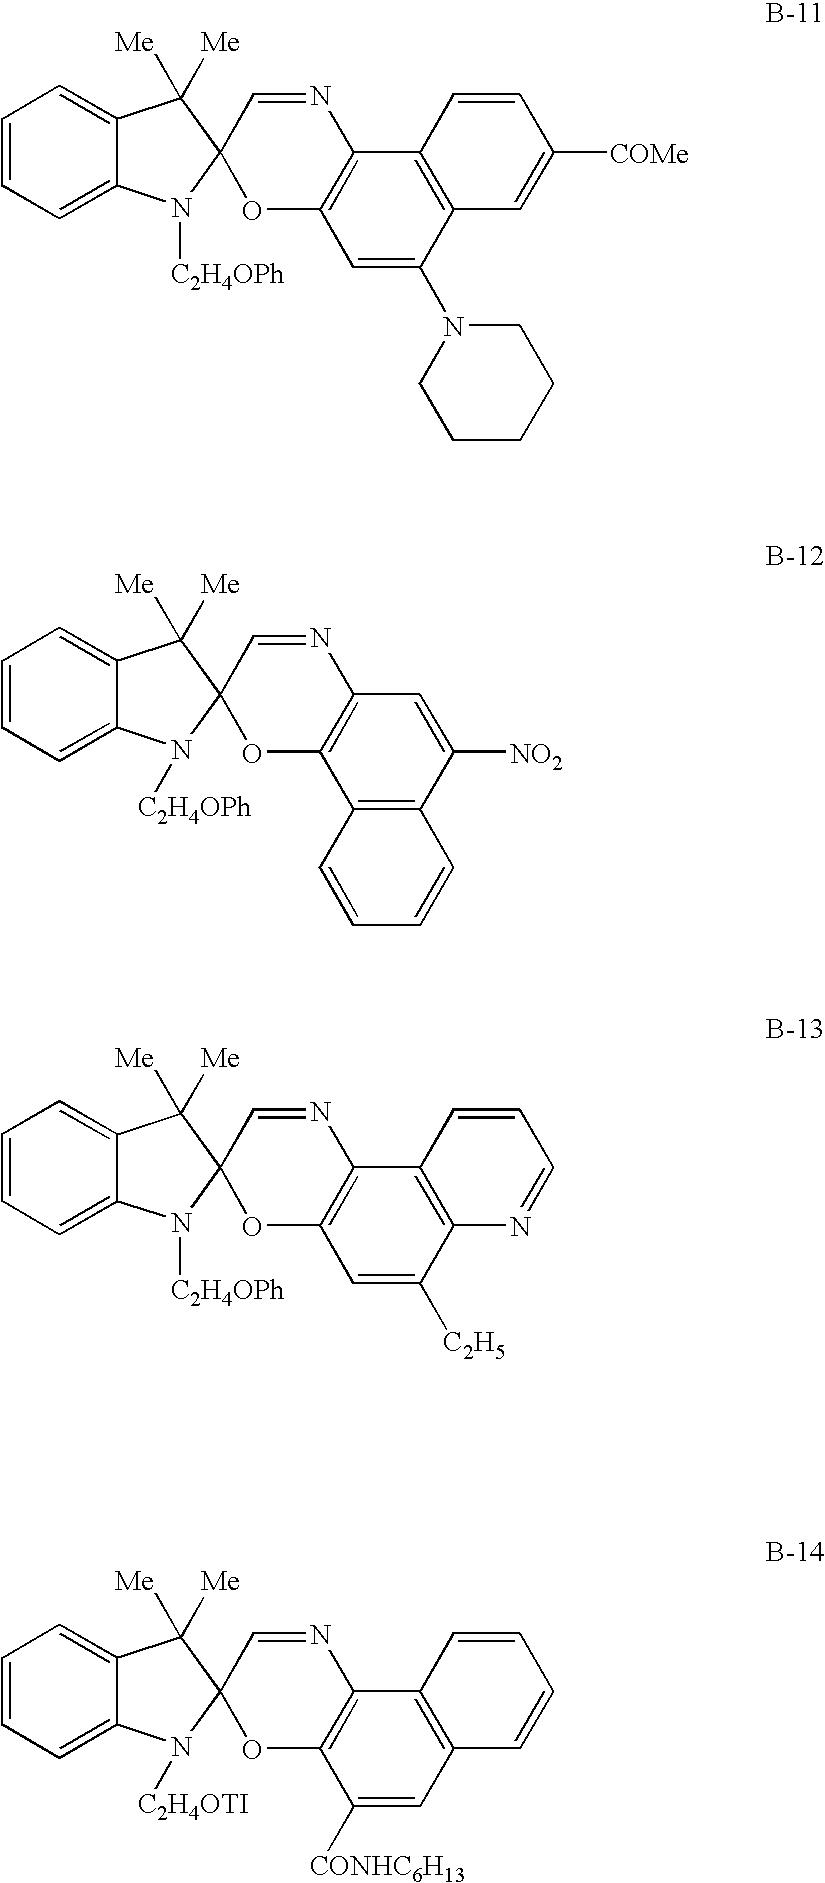 Figure US07425406-20080916-C00007